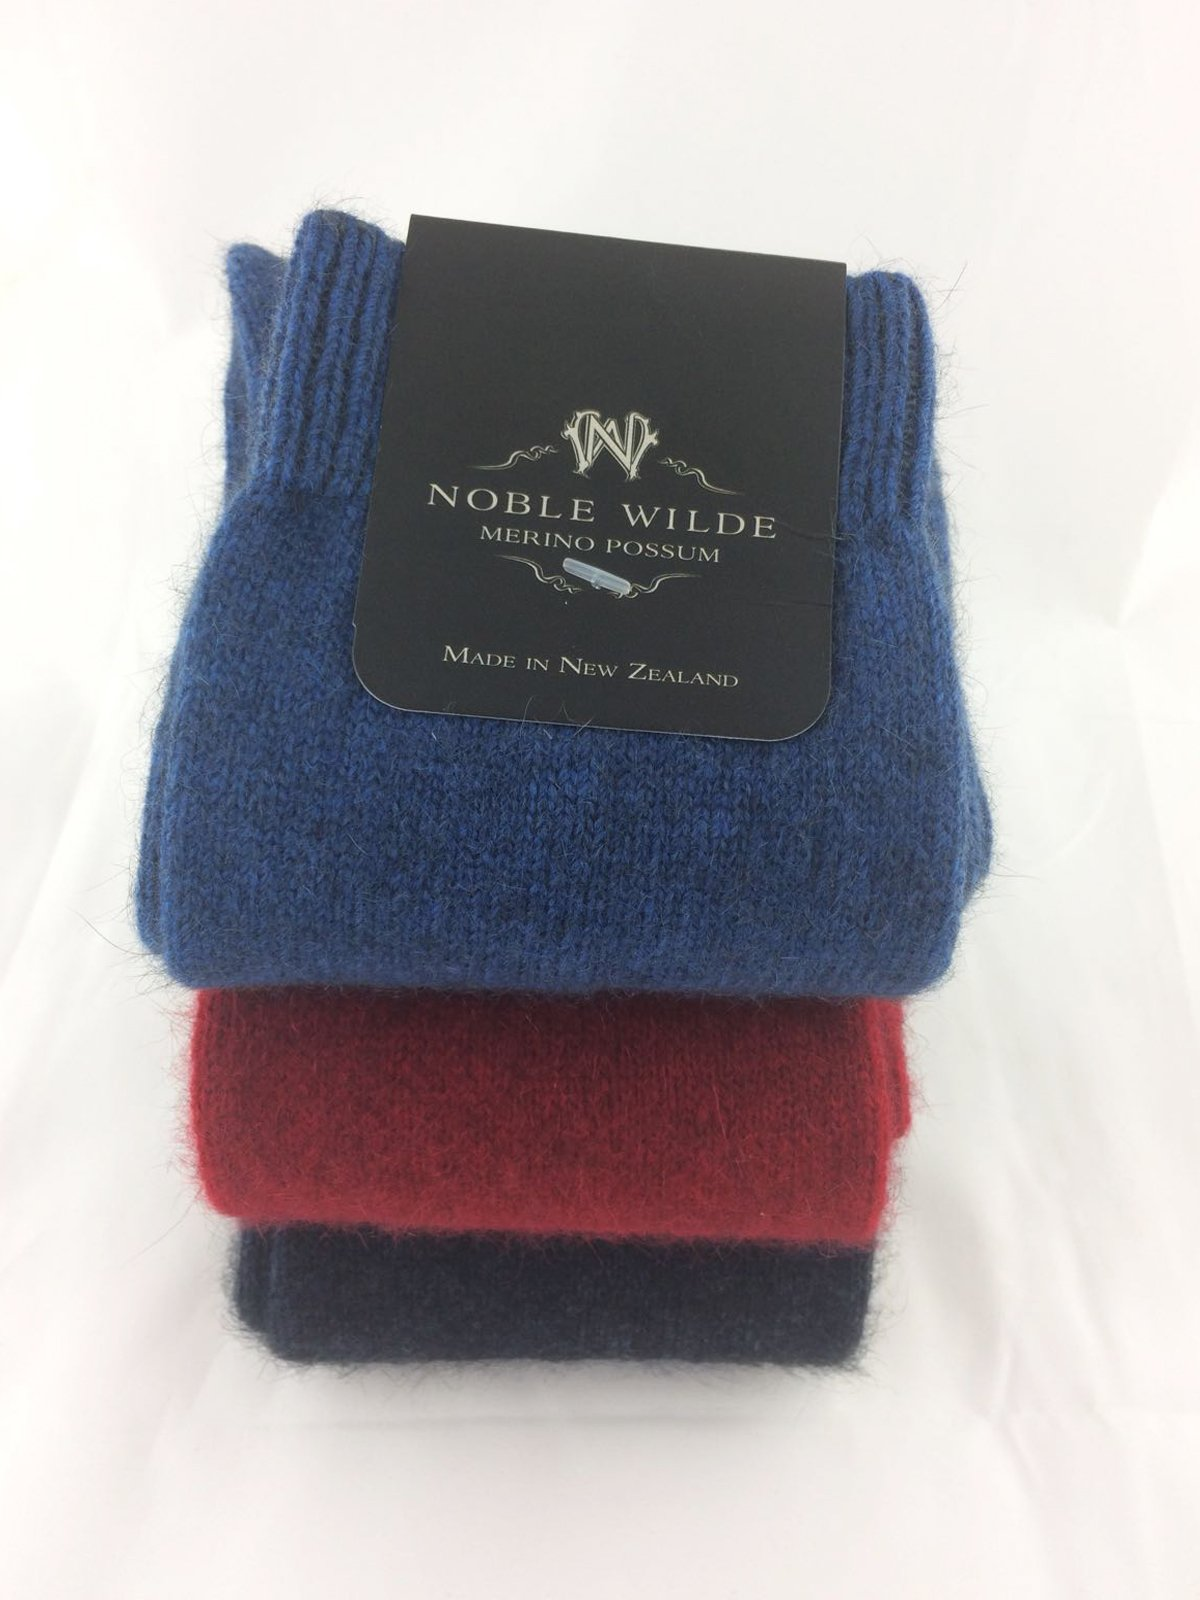 Noble Wilde, merino & possum - Christmas Gift